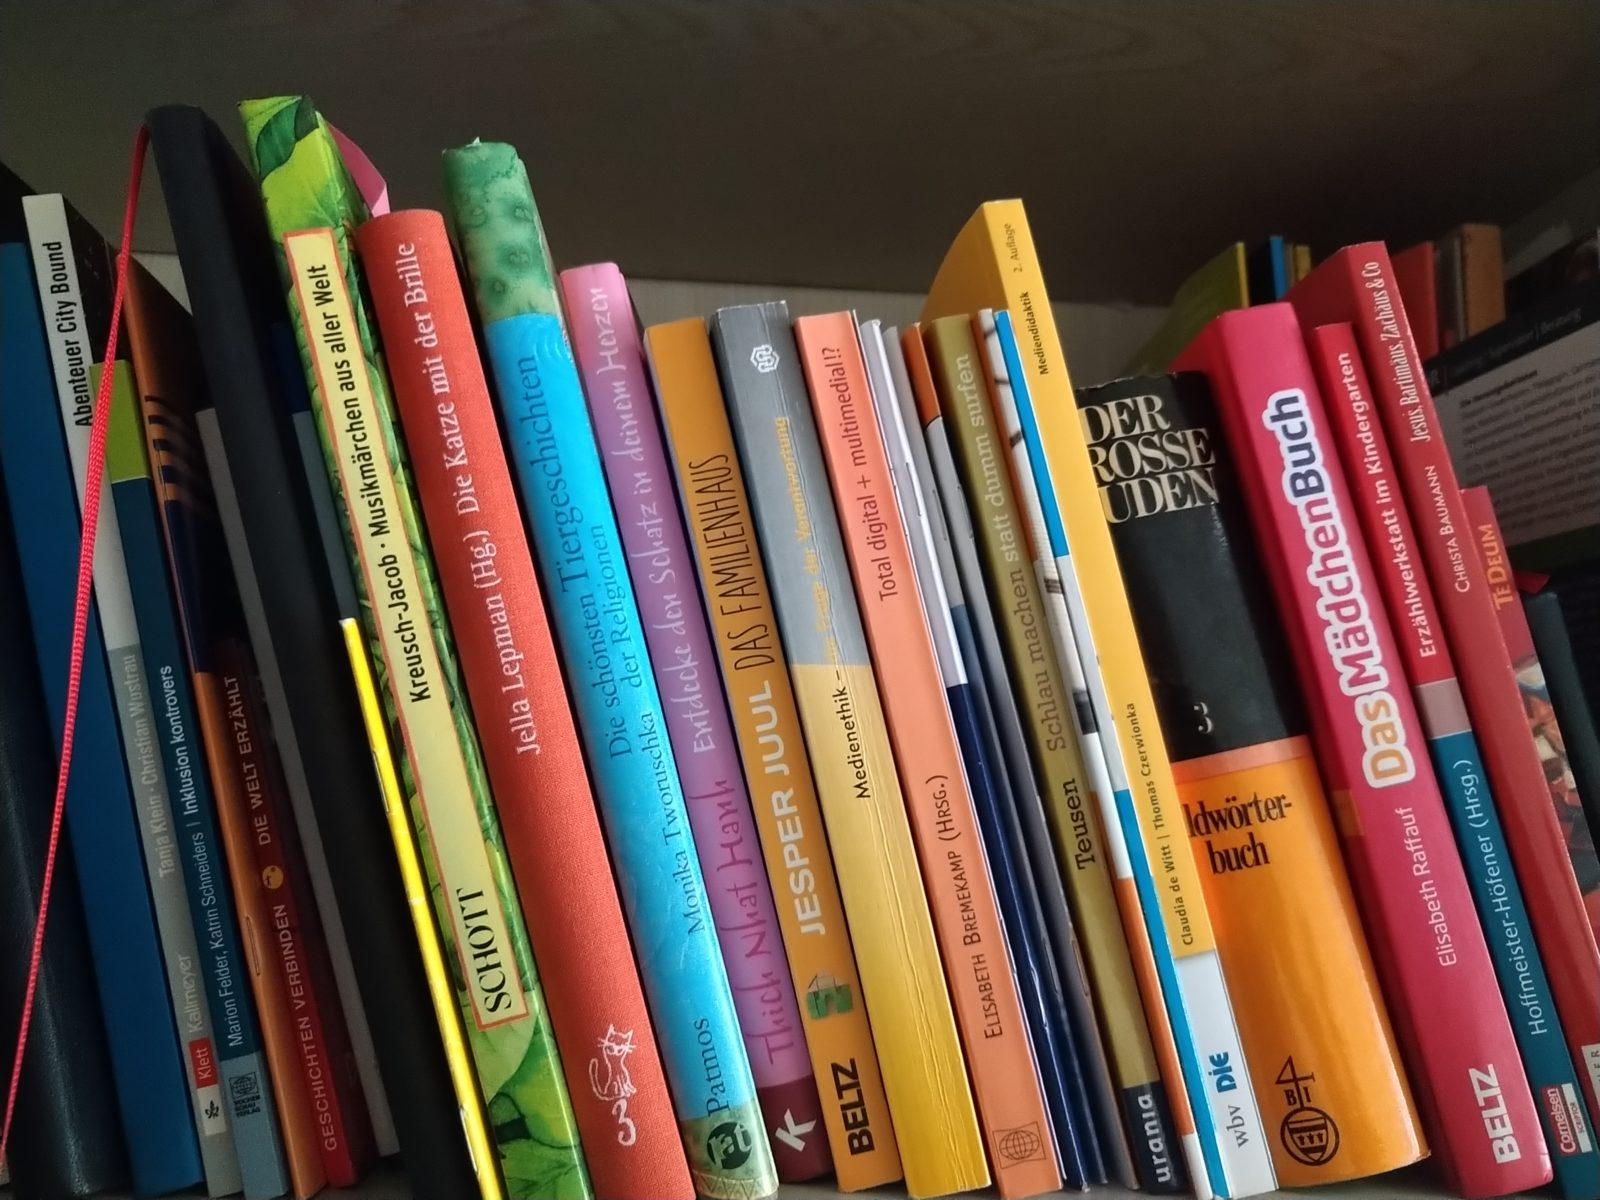 Fortbildung: Geschichten zu verschenken